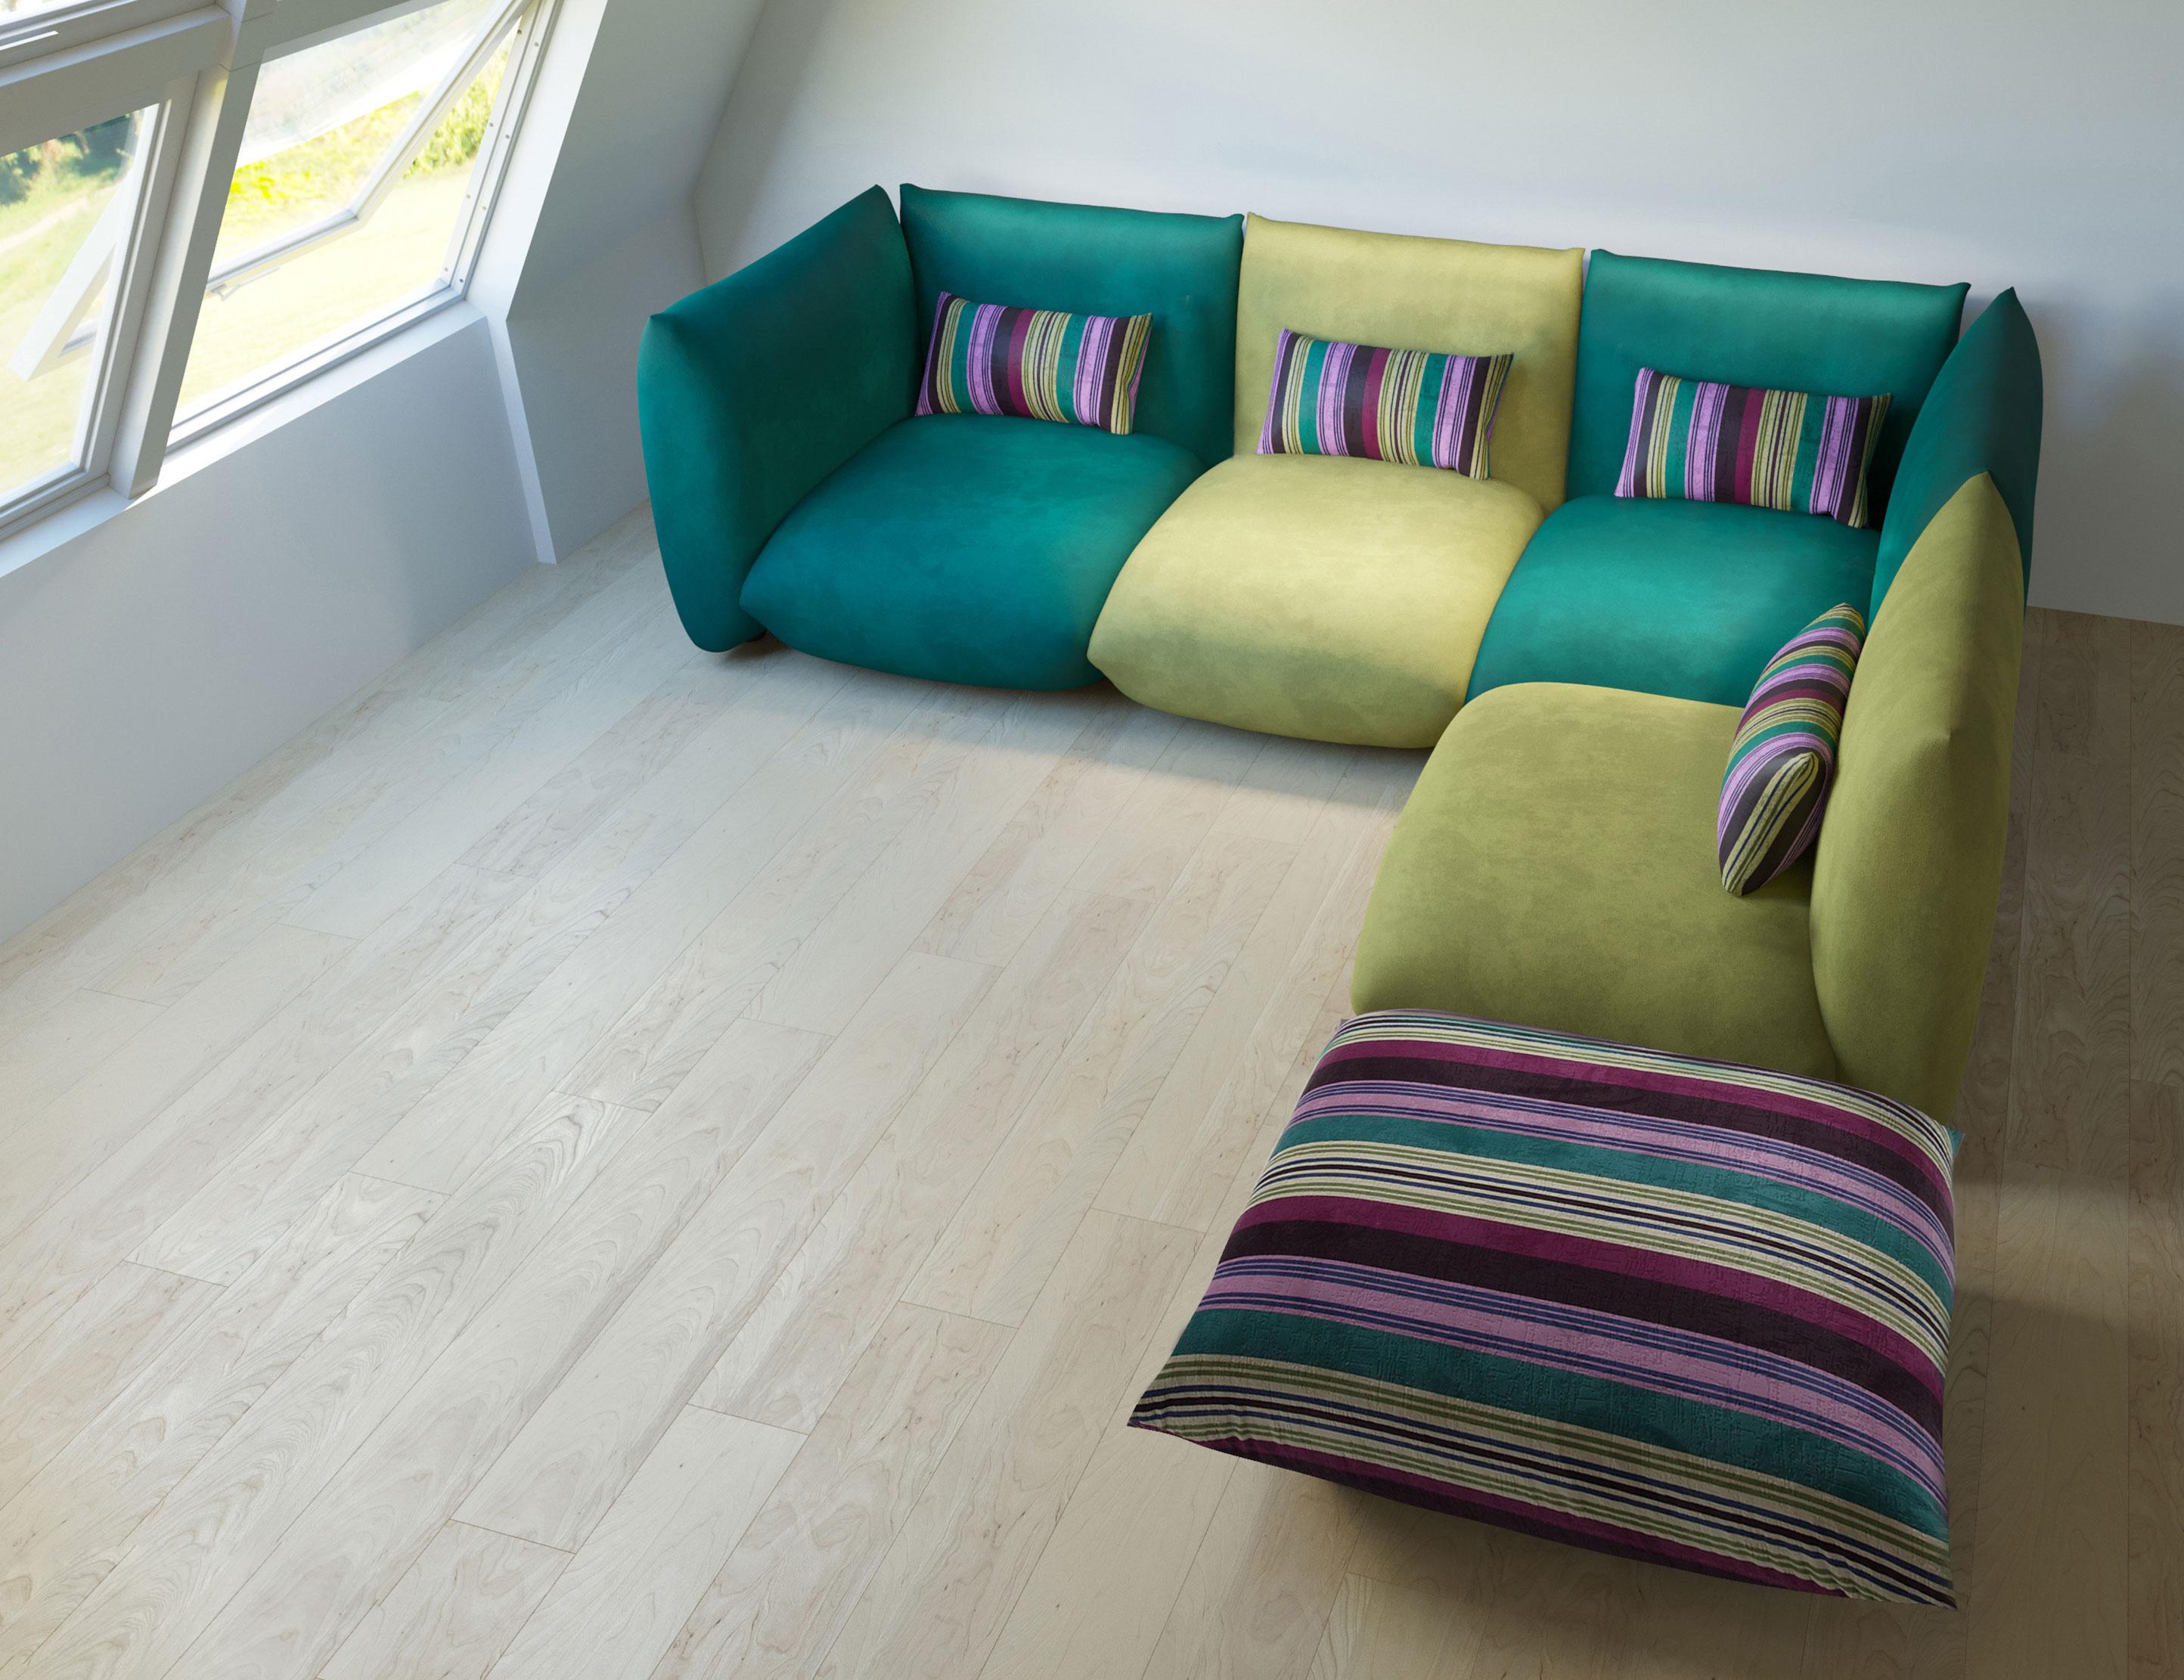 Modular Low Profile Sectional Sofa Set